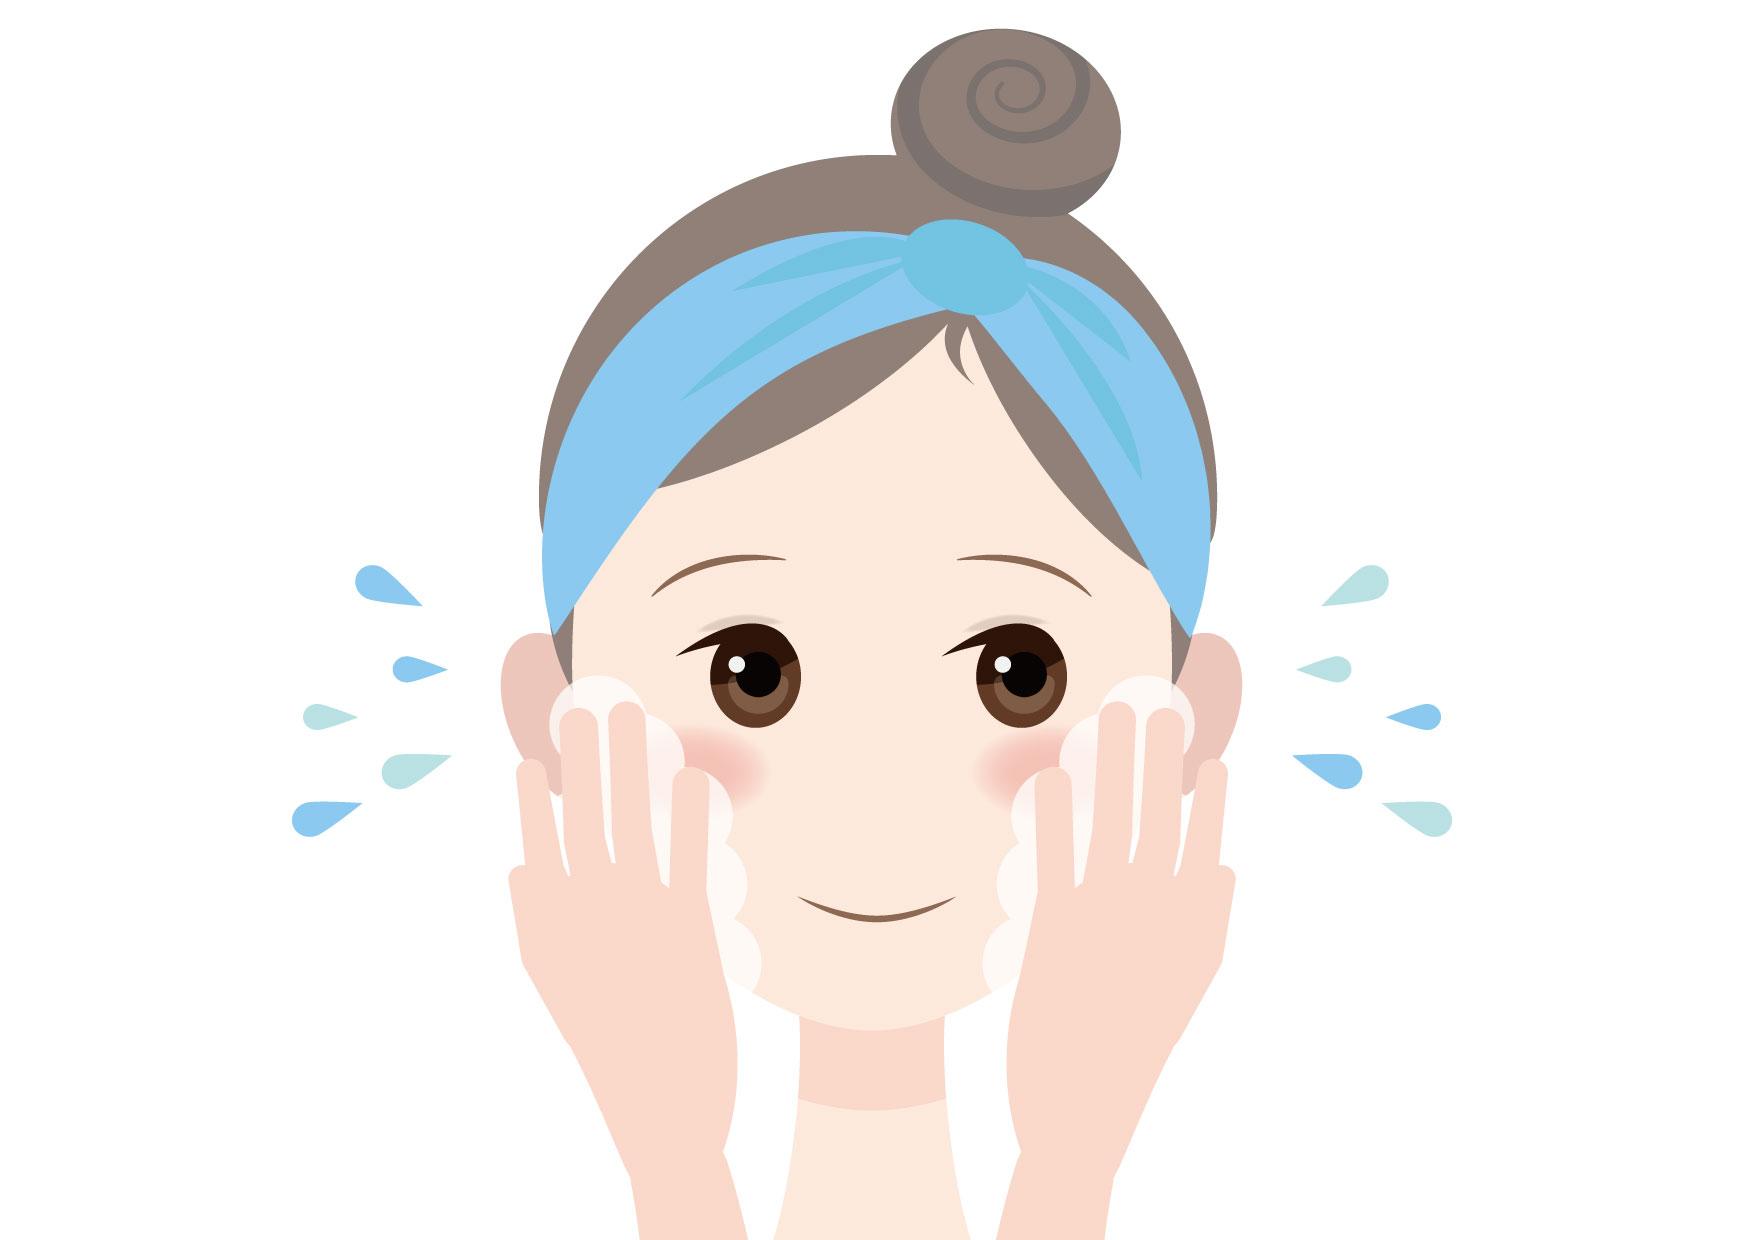 可愛いイラスト無料|女性 洗顔 − free illustration Female face wash